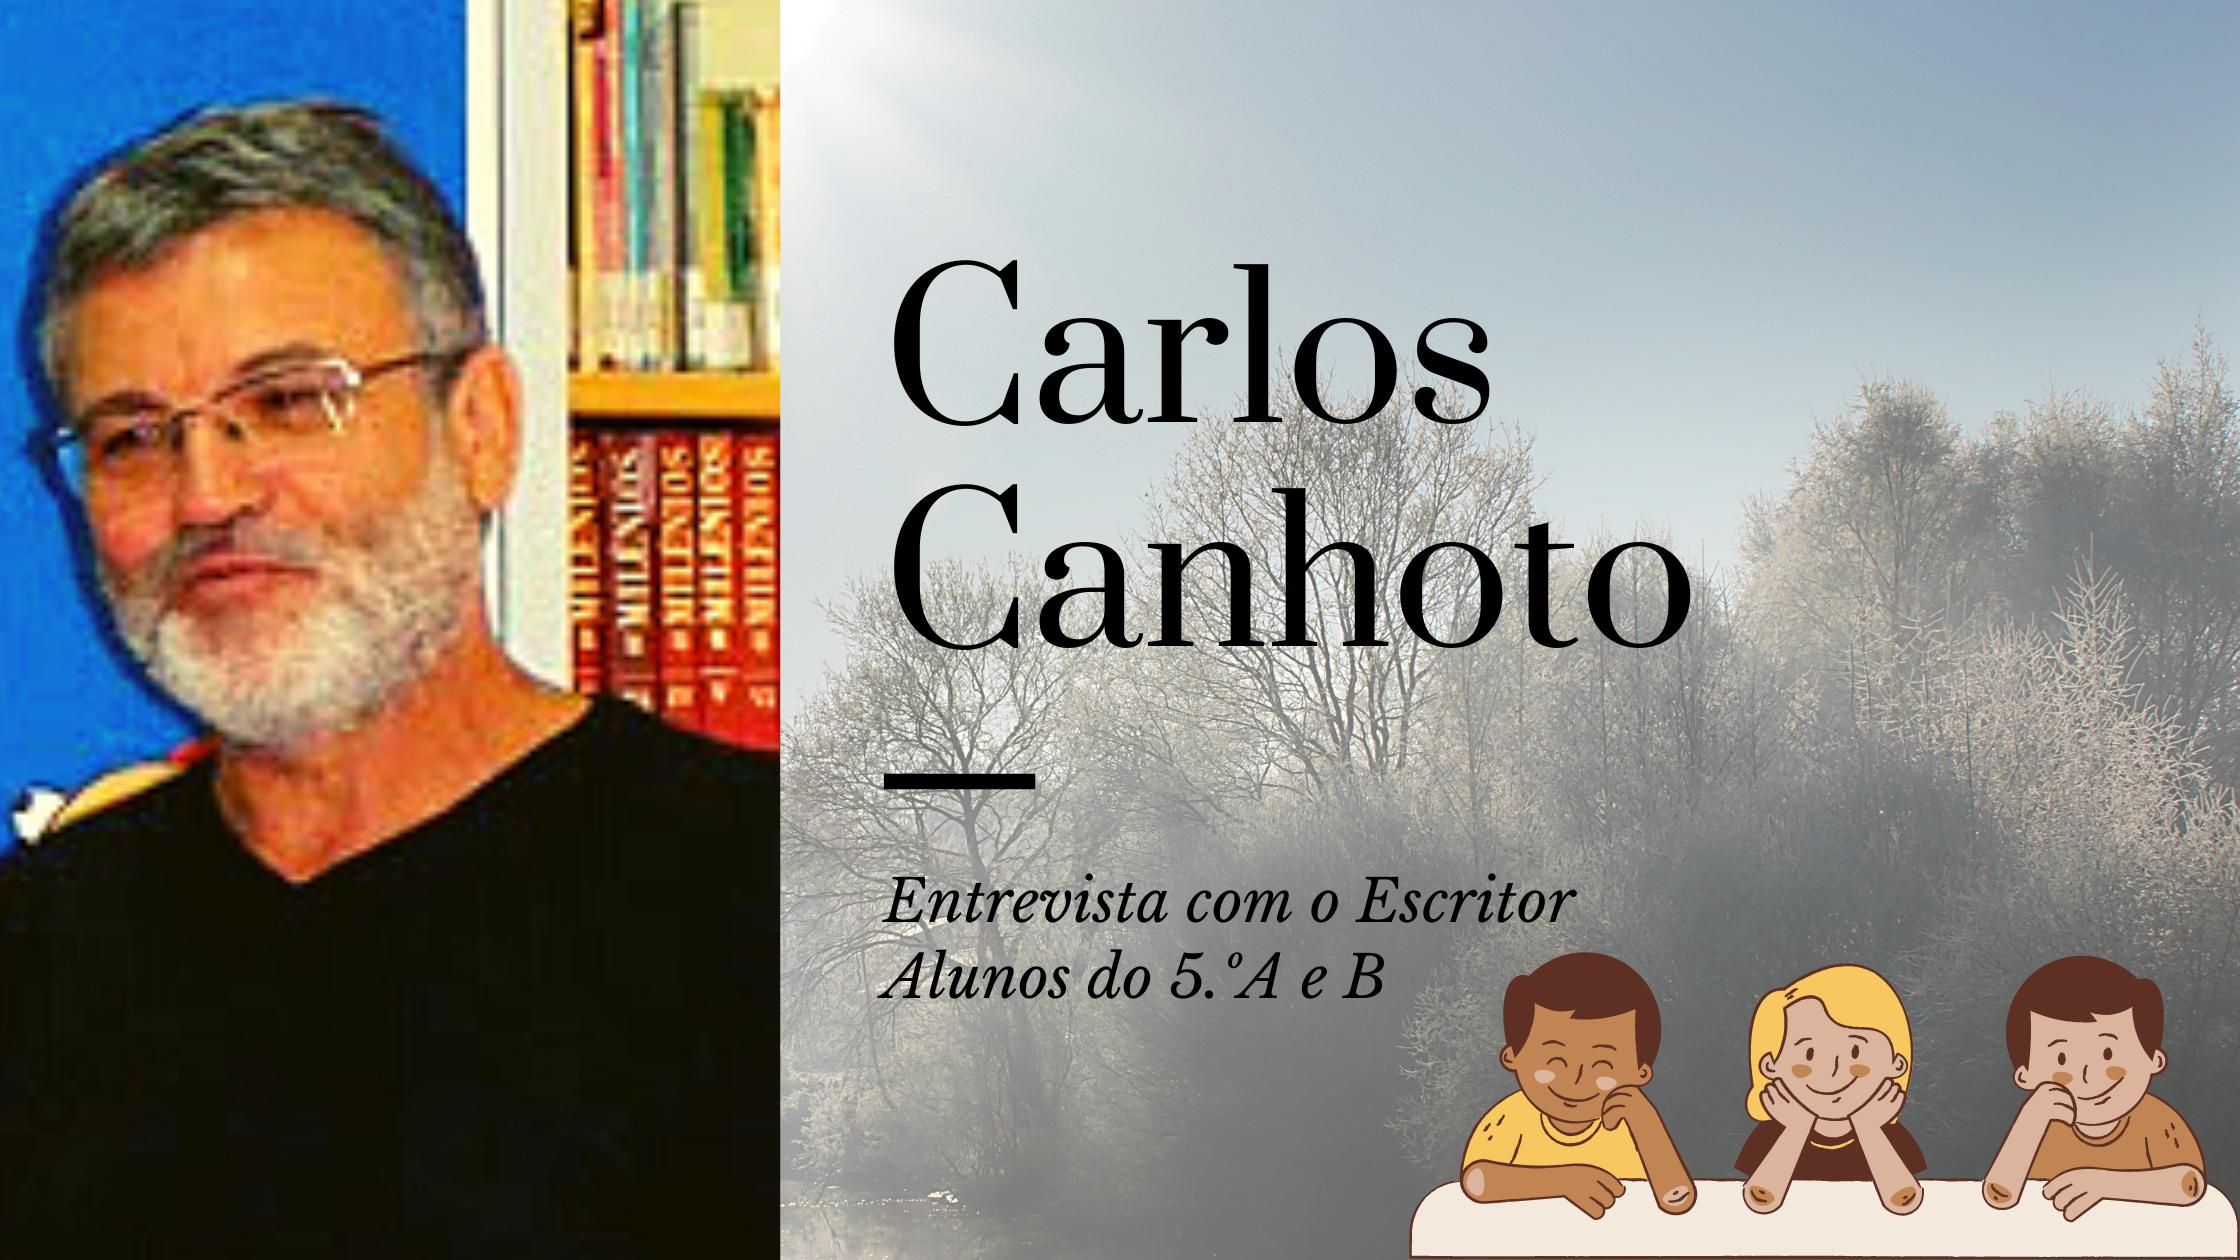 Entrevista com o Escritor Carlos Canhoto